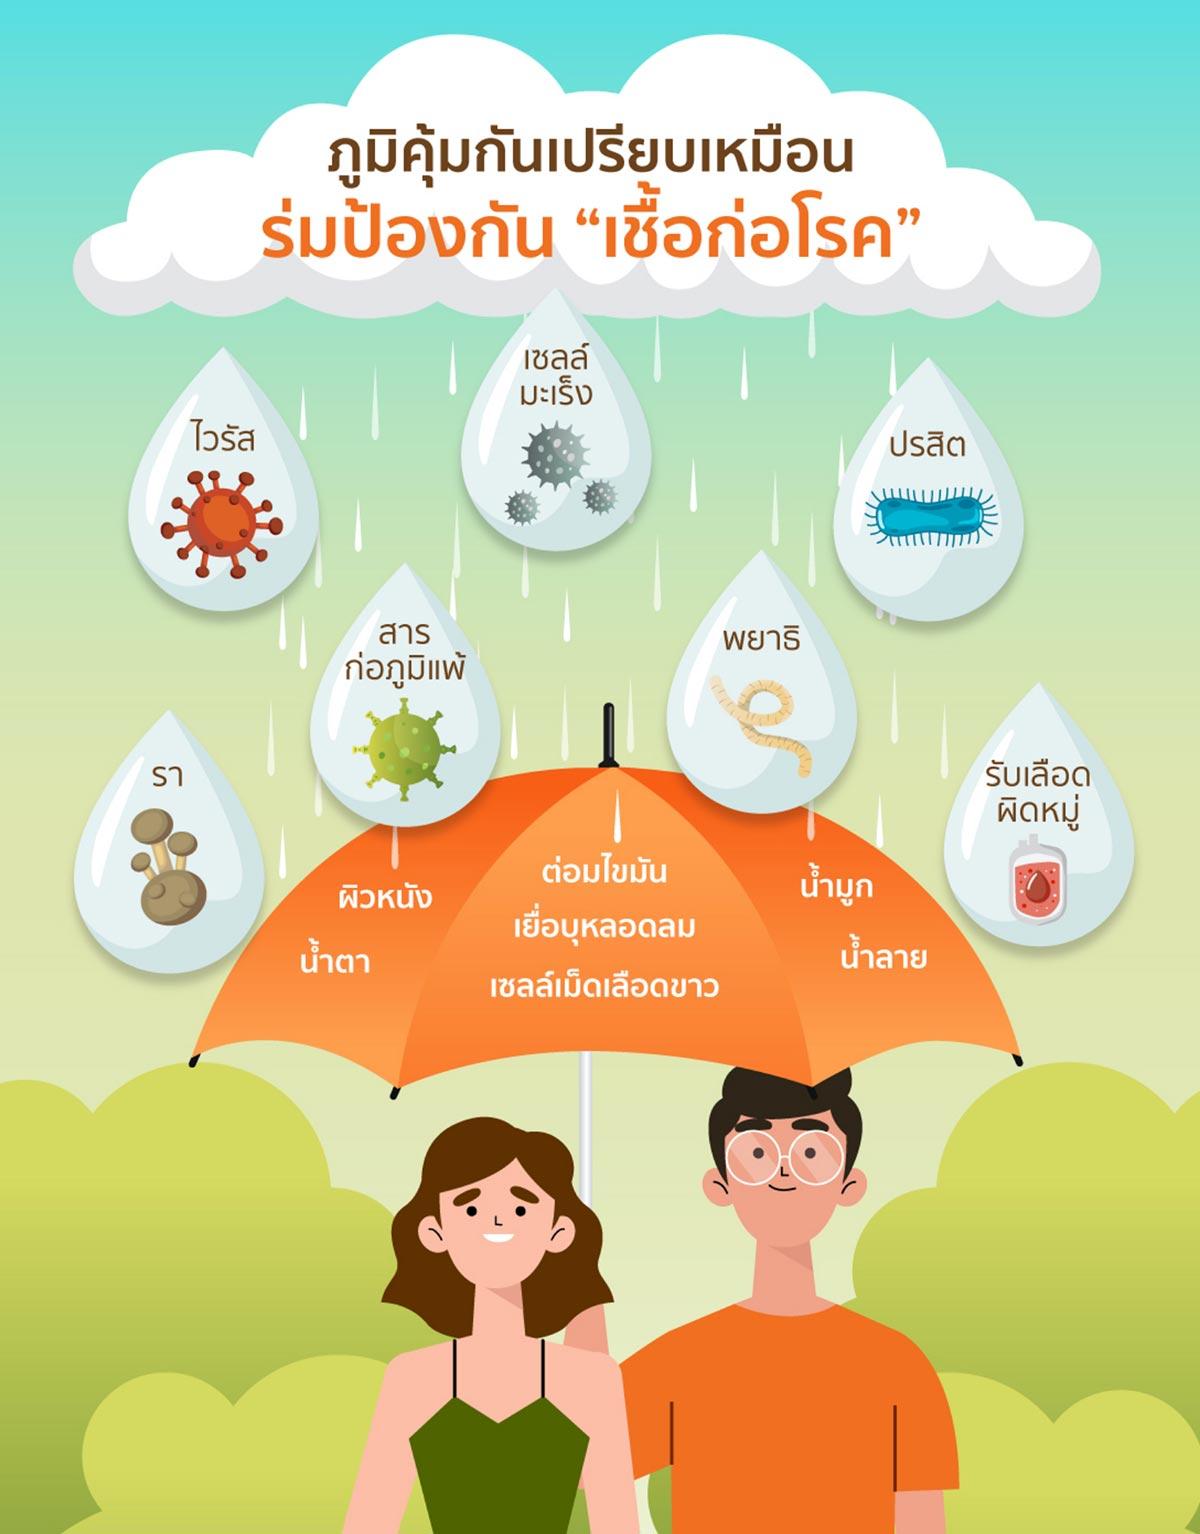 ภูมิคุ้มกันเปรียบเหมือนร่มป้องกันเชื้อก่อโรค